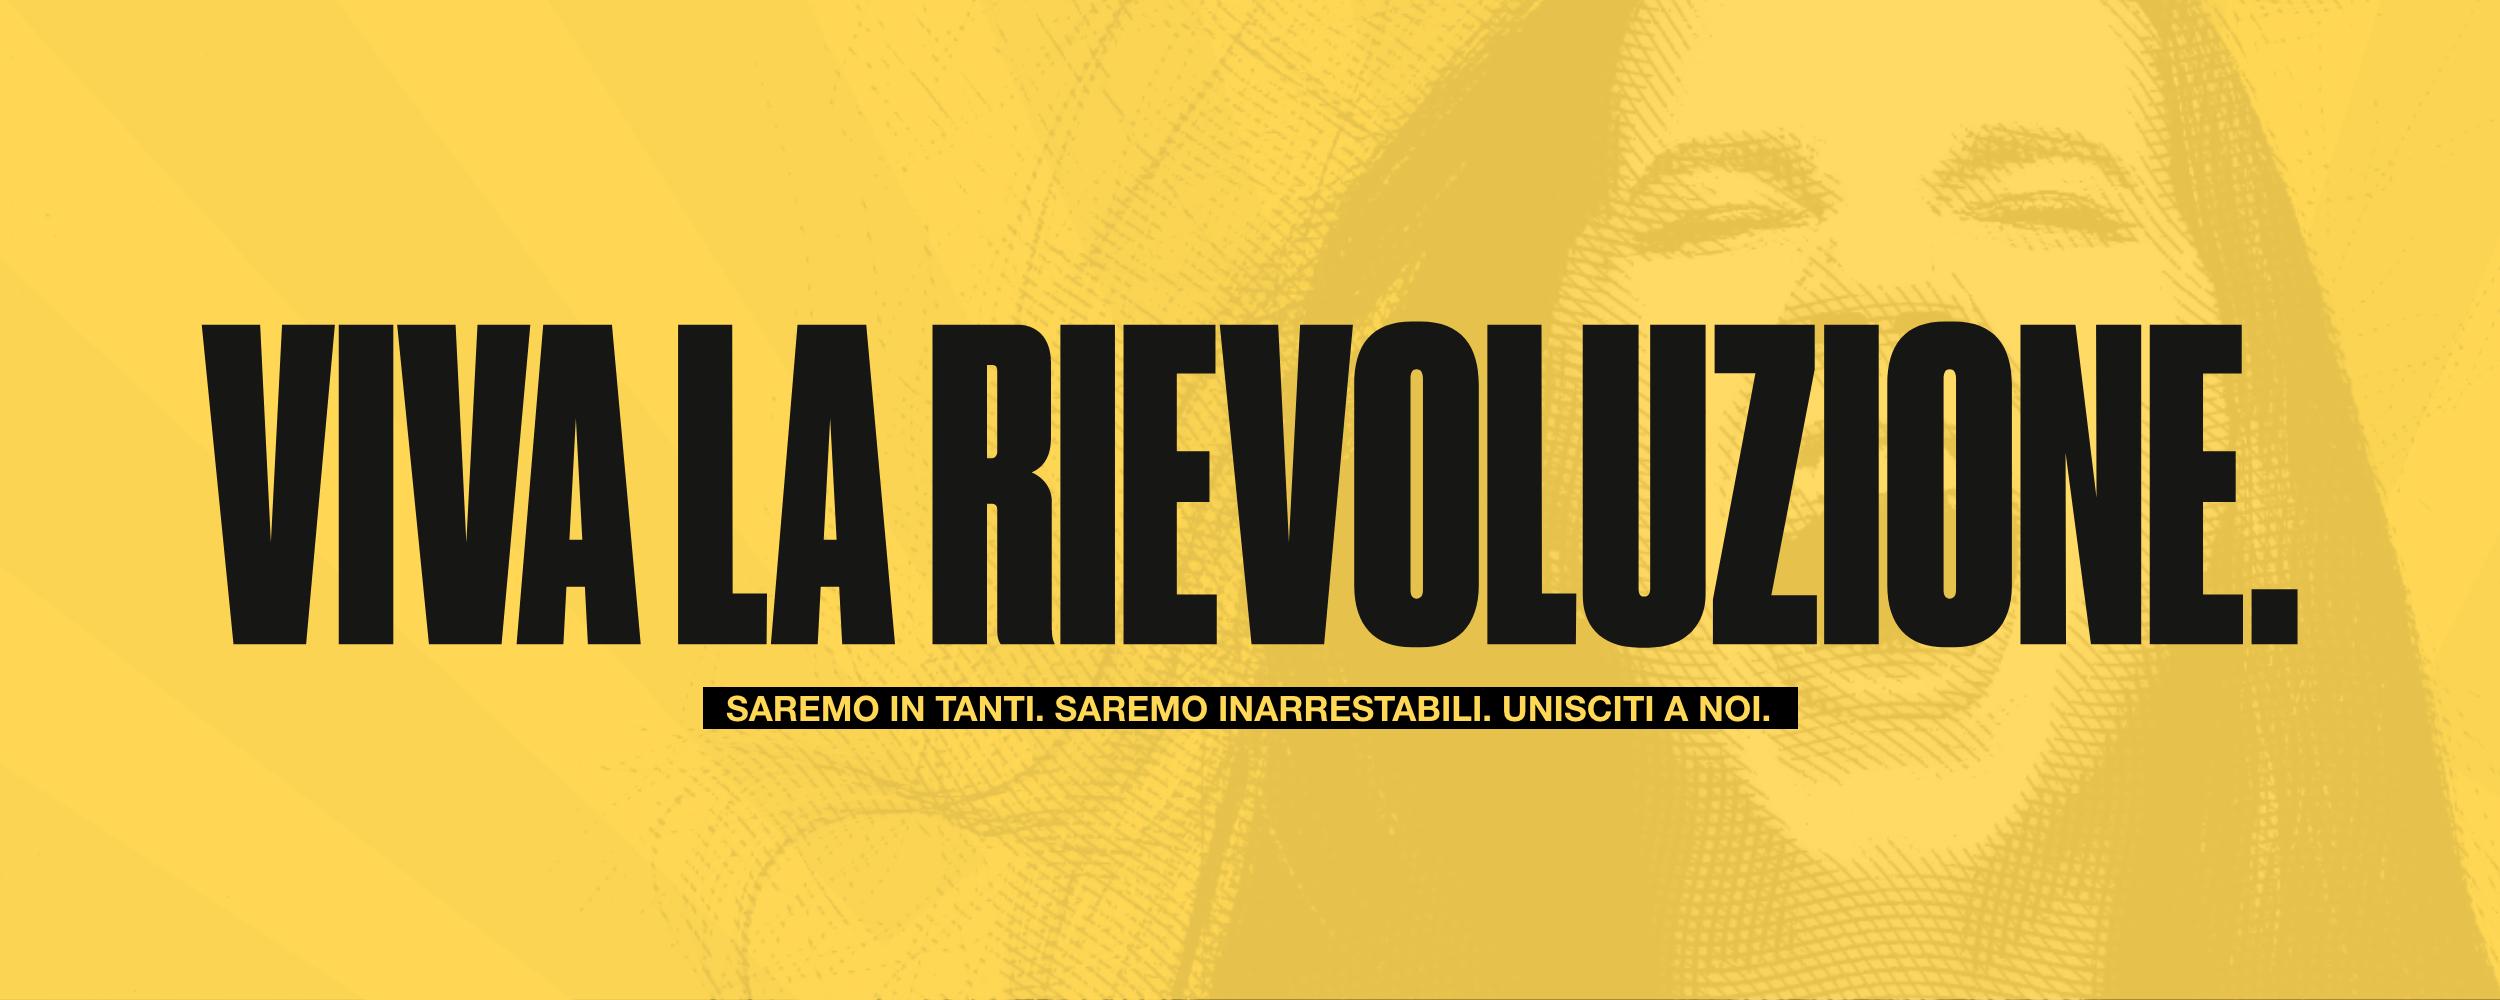 Viva la rievoluzione